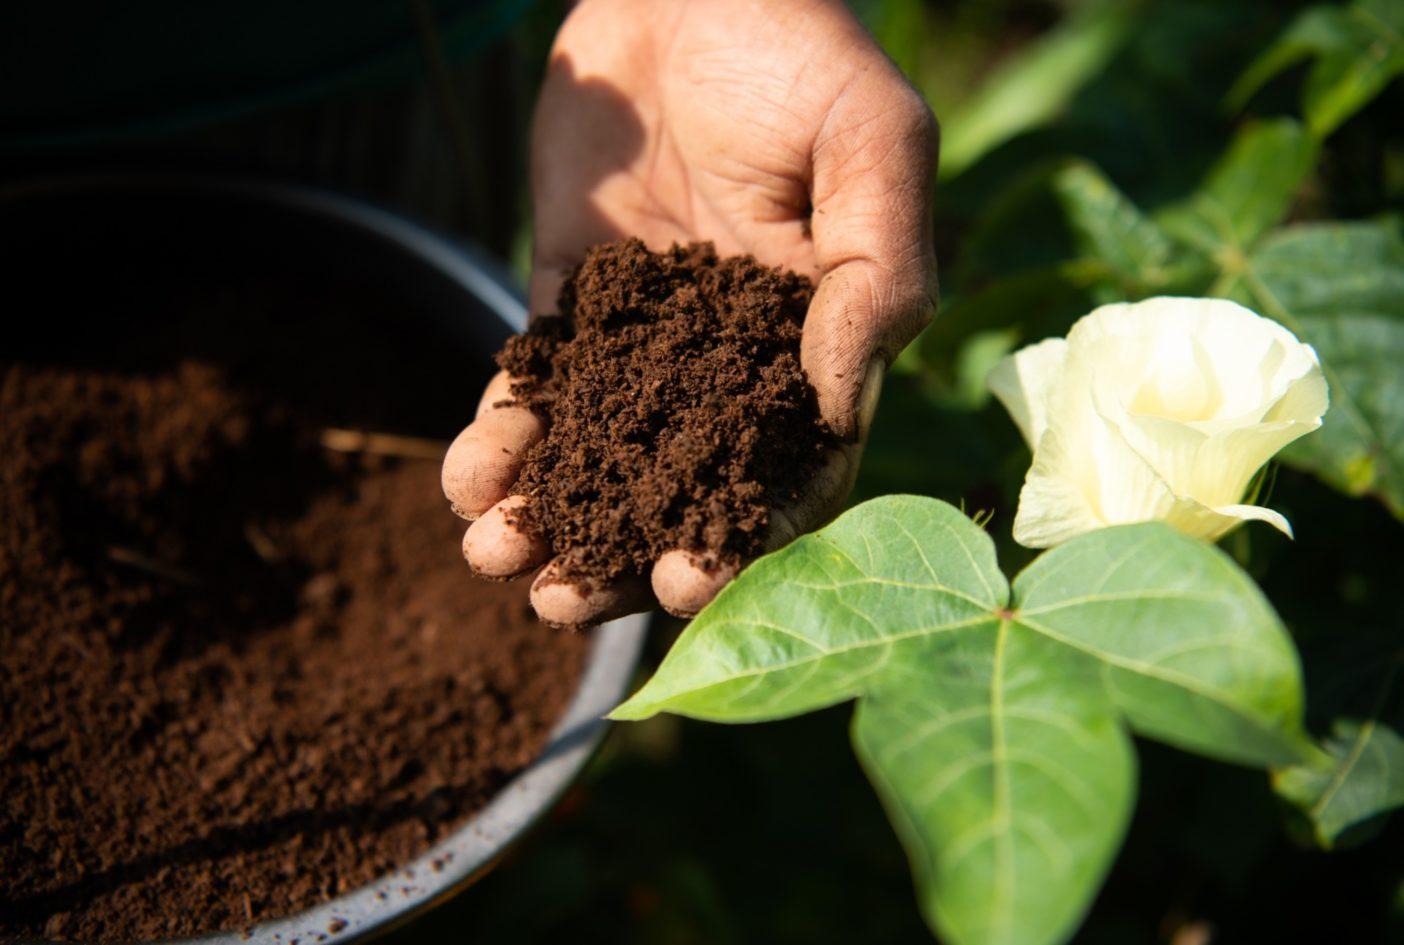 インドのこうした畑では、土を肥やすために数週間ごとに乾燥堆肥を加える。土壌の質が収穫高、保水力、そして地中にどれだけ炭素を貯留できるかに影響する。